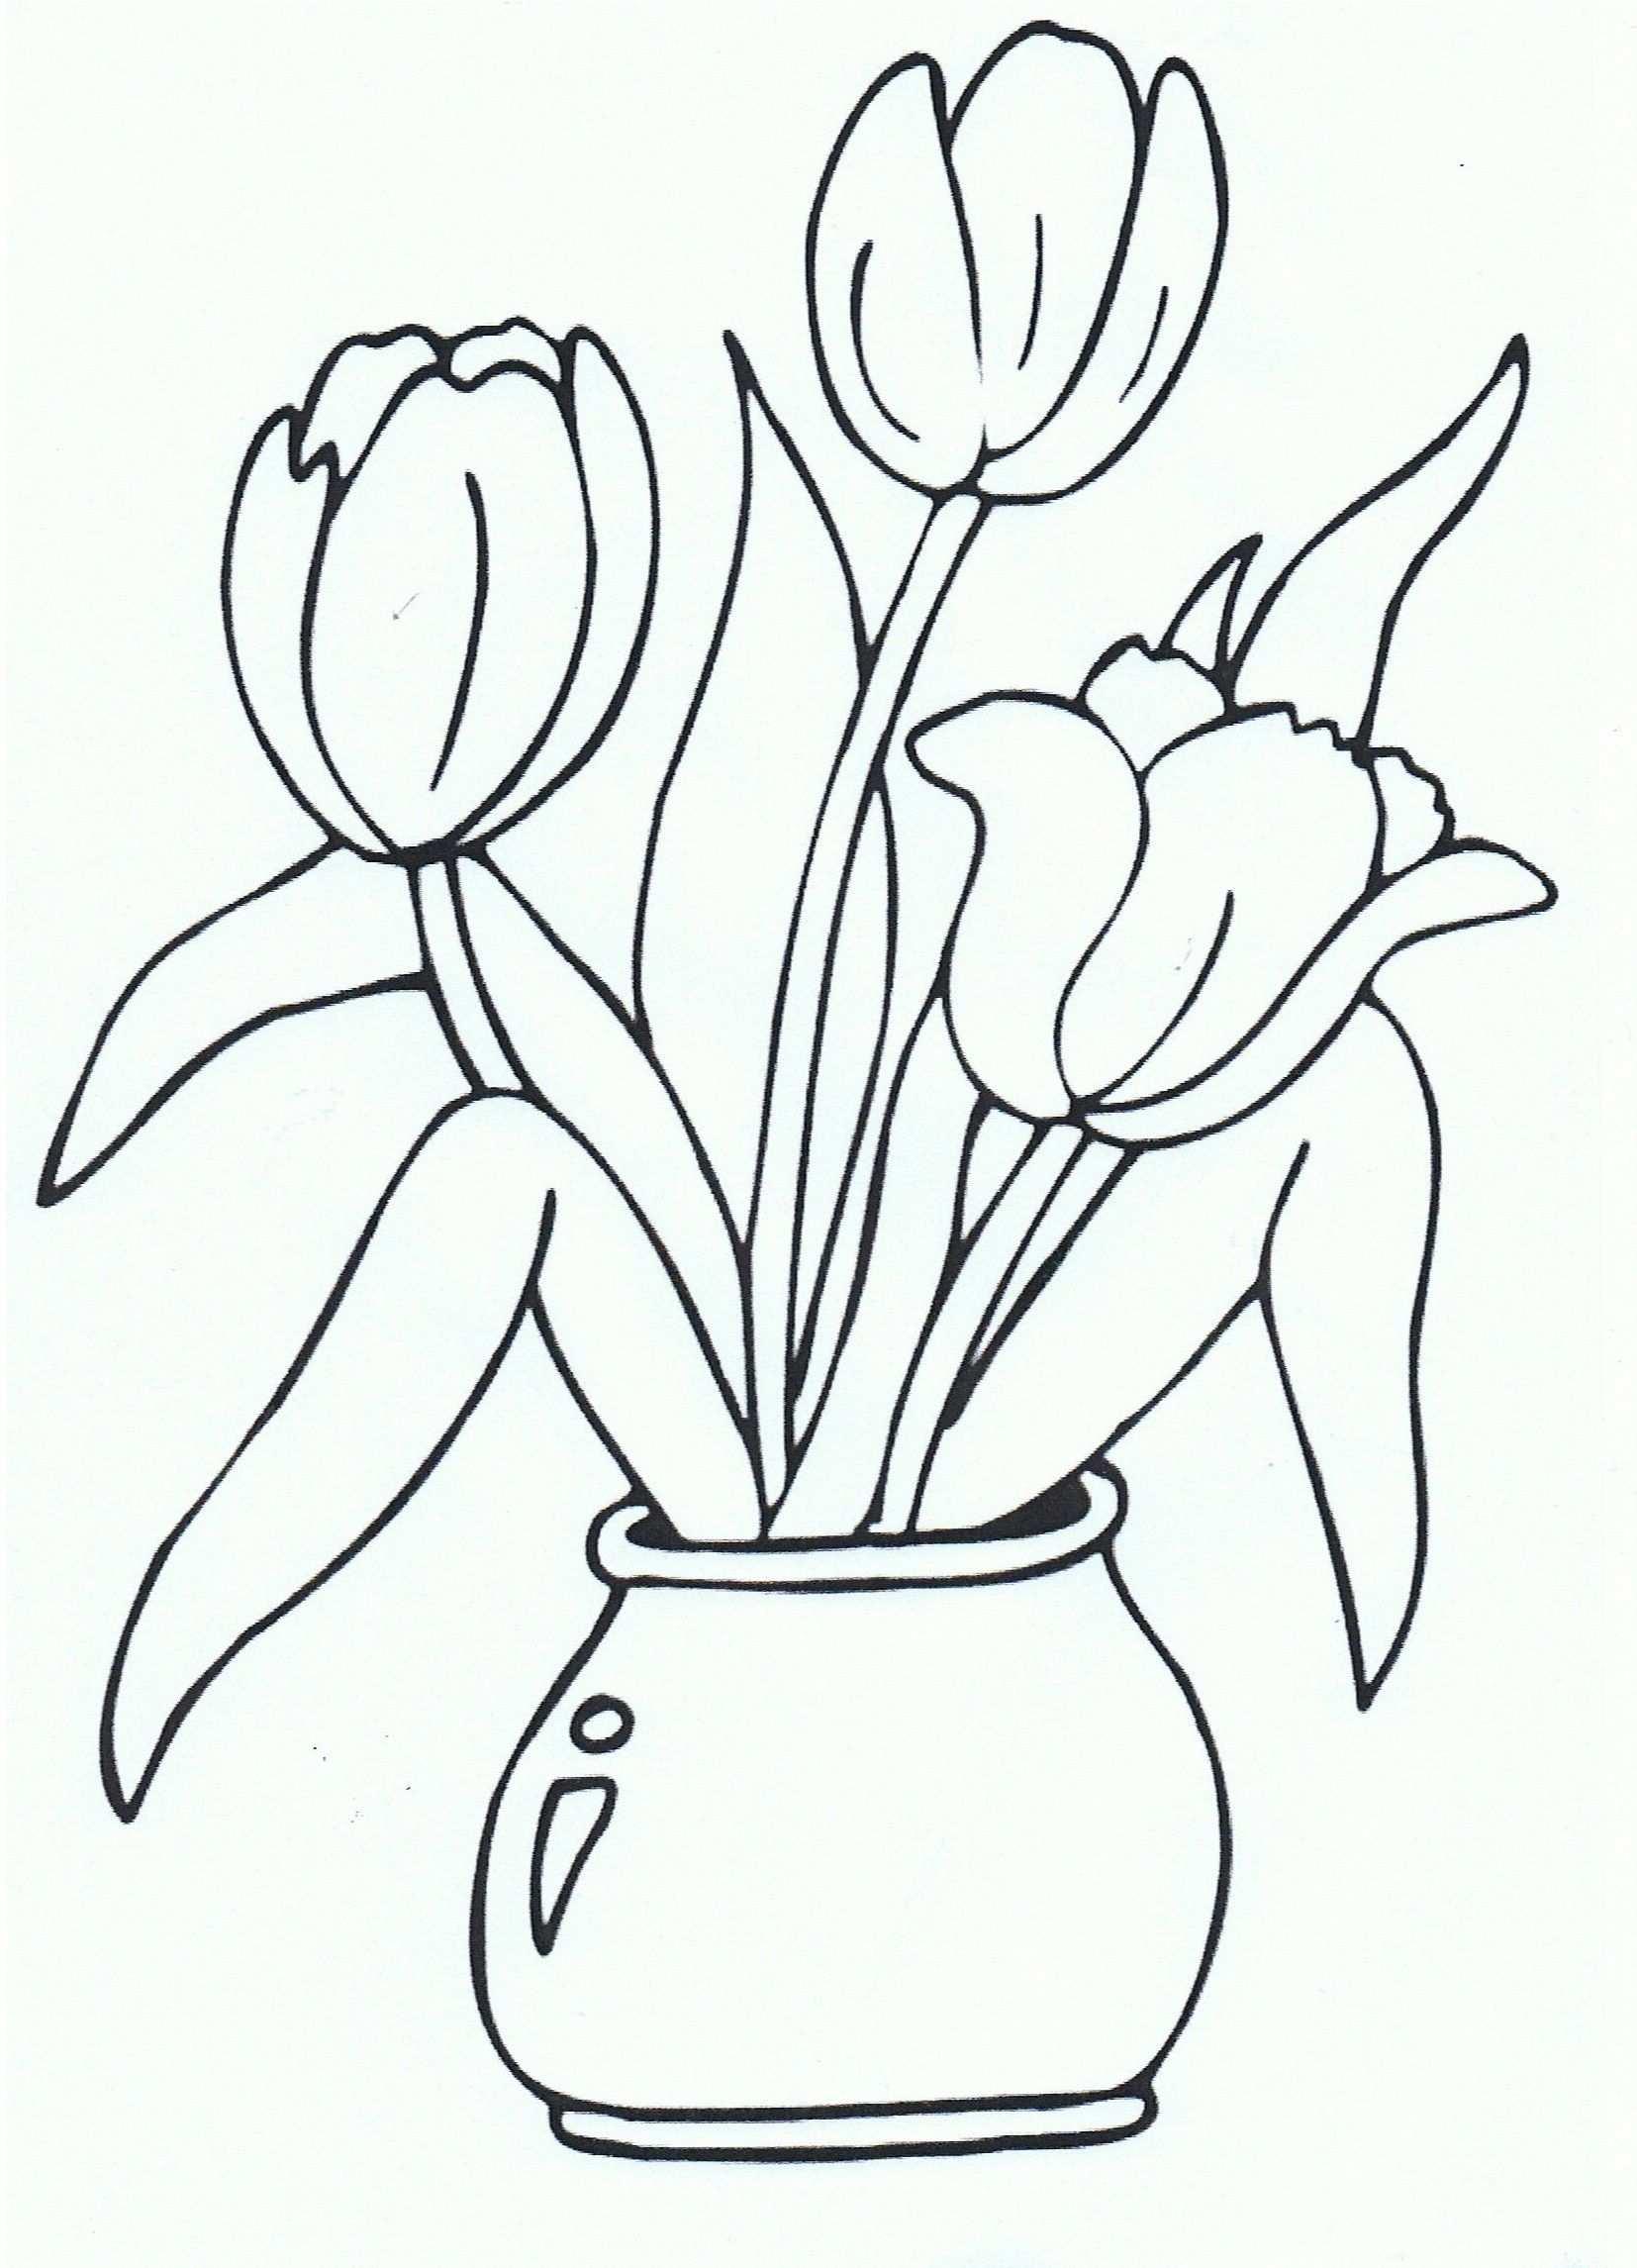 Kleurplaat Tulpen Coloring Page Tulips Kleurplaten Bloem